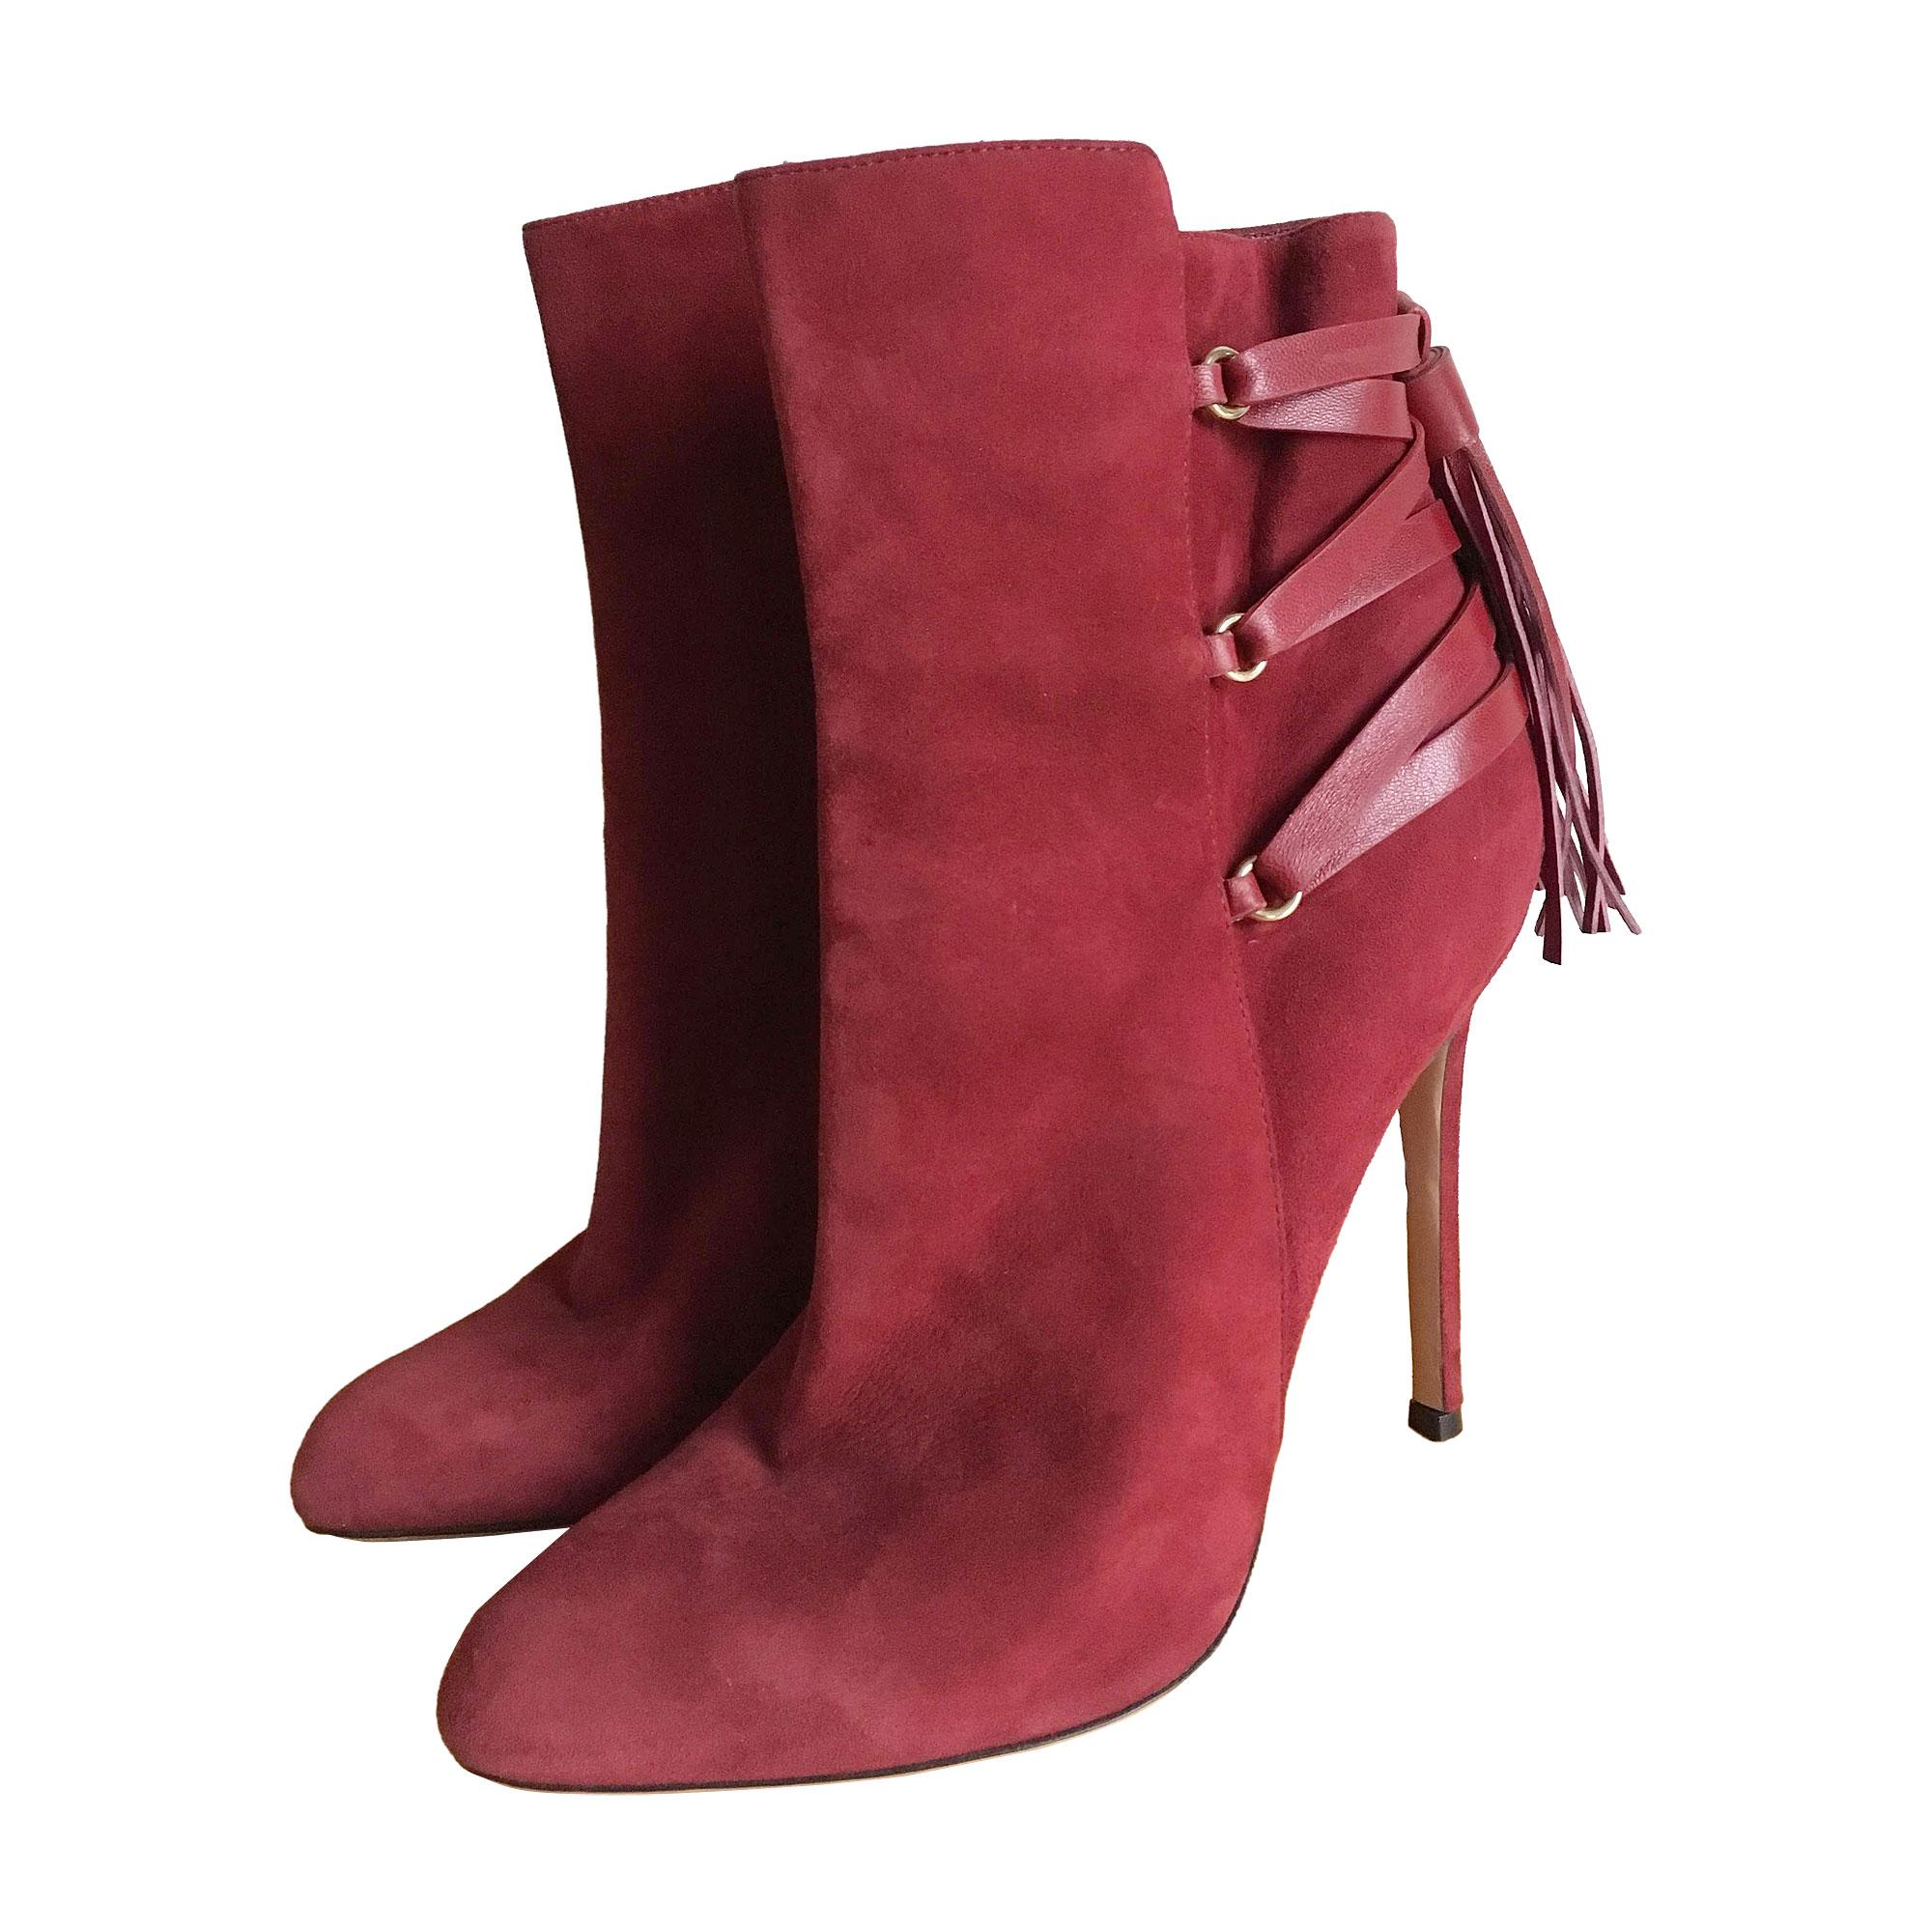 Bottines & low boots à talons GIANVITO ROSSI Rouge, bordeaux